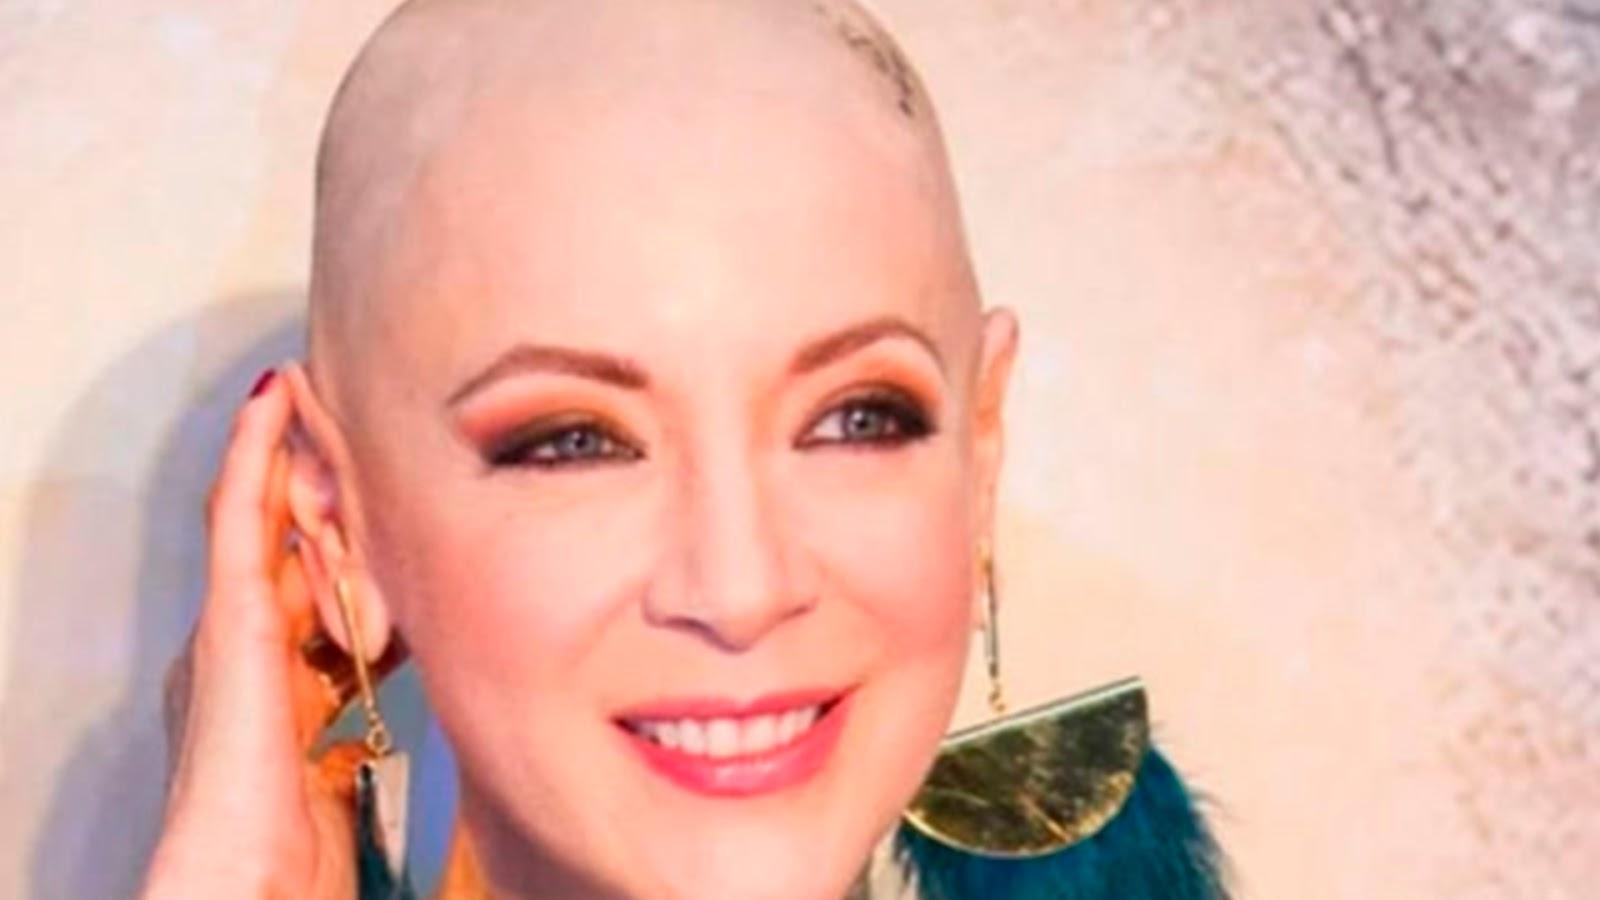 Fallece actriz Edith González víctima de cáncer